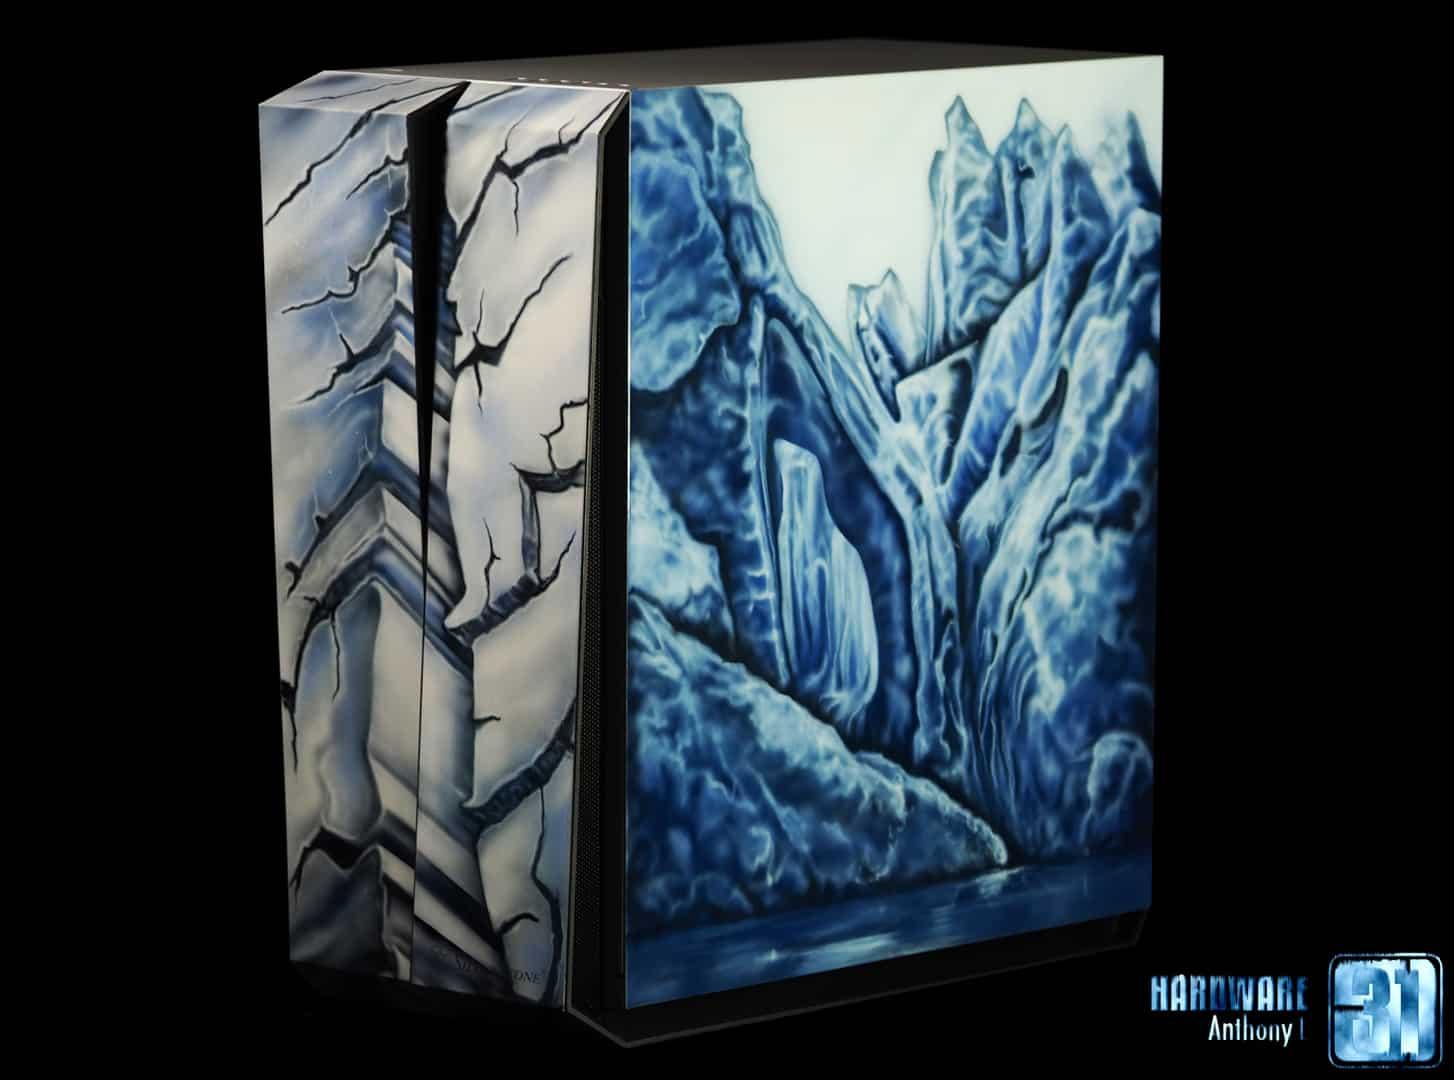 Worblog du projet modding Phanteks glacier RL07 par Hardware31